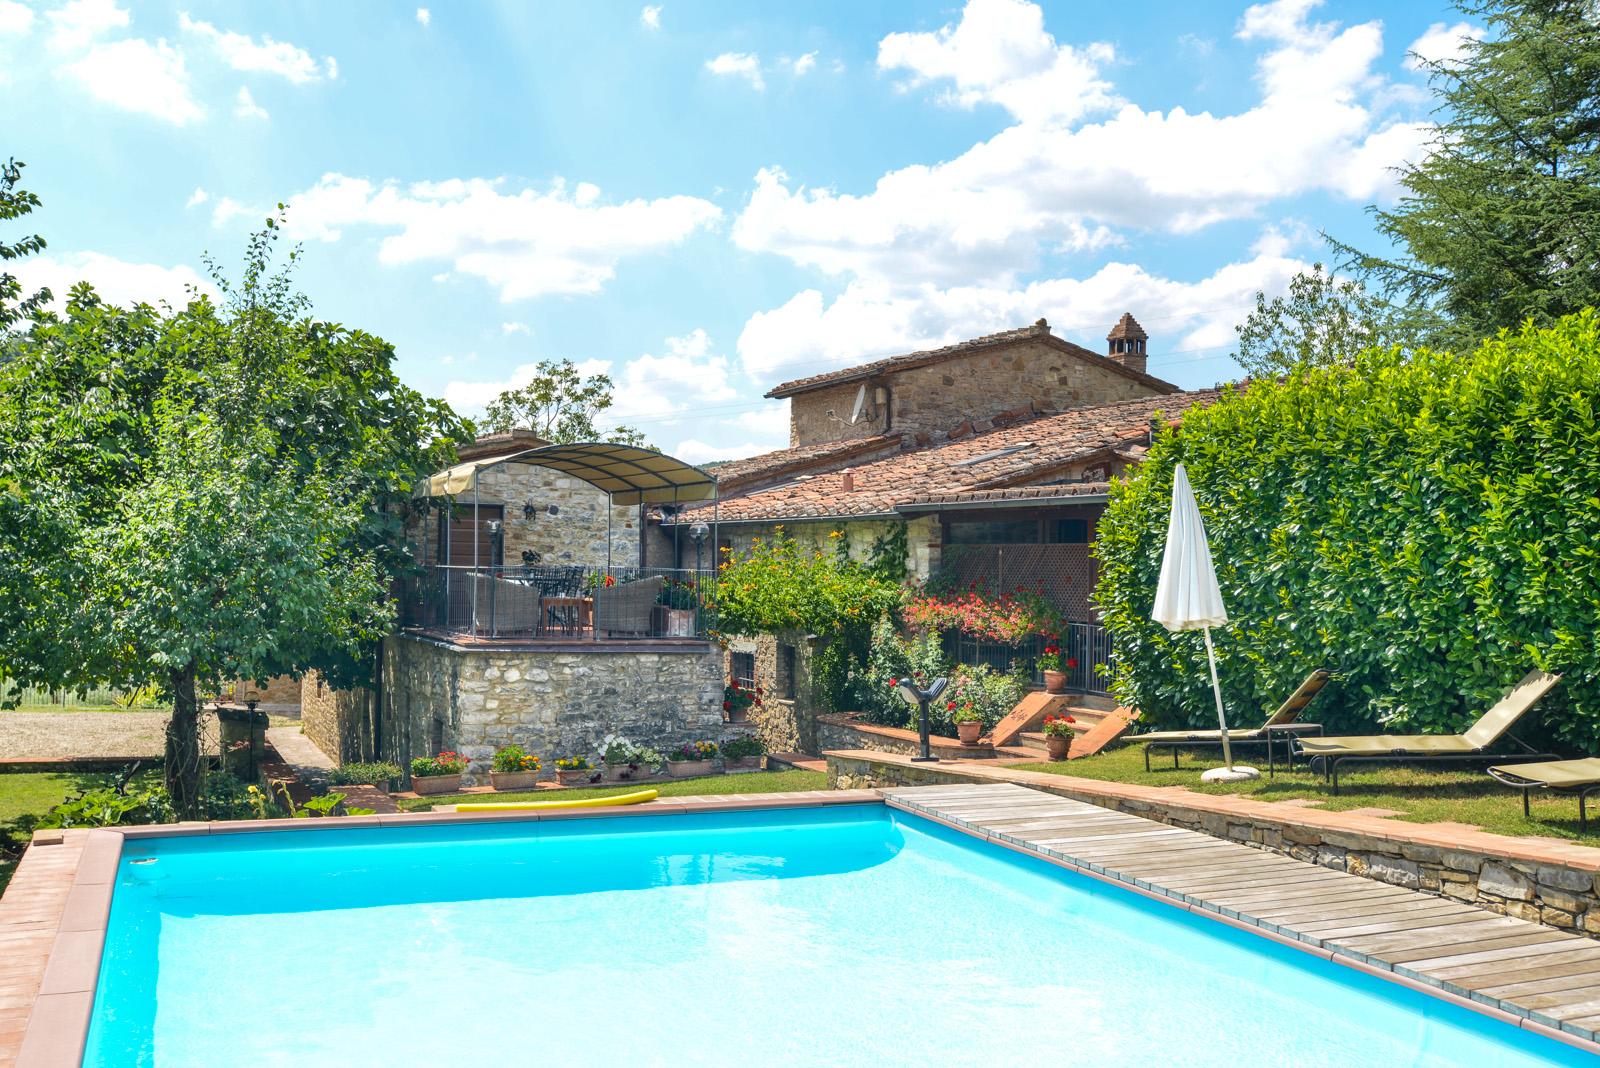 Casa con piscina e giardino privato a pochi passi da for Piani di casa cottage con portici